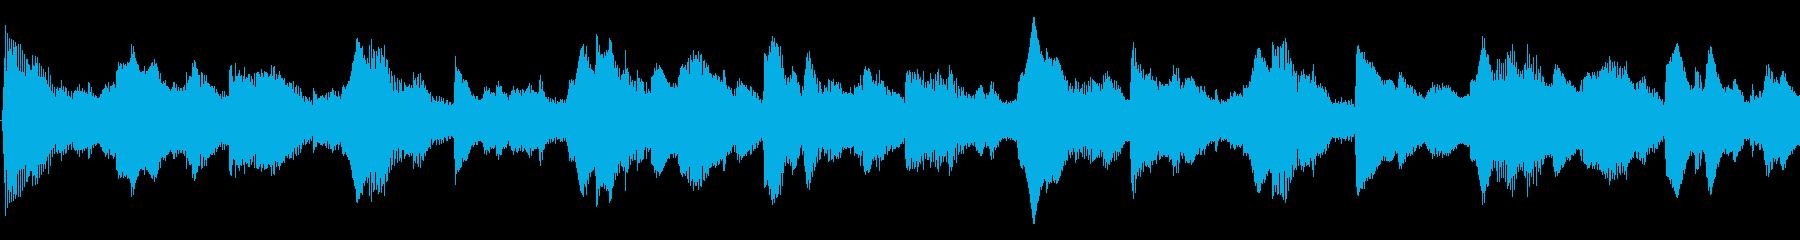 アンビエント シンセサイザー ドキ...の再生済みの波形